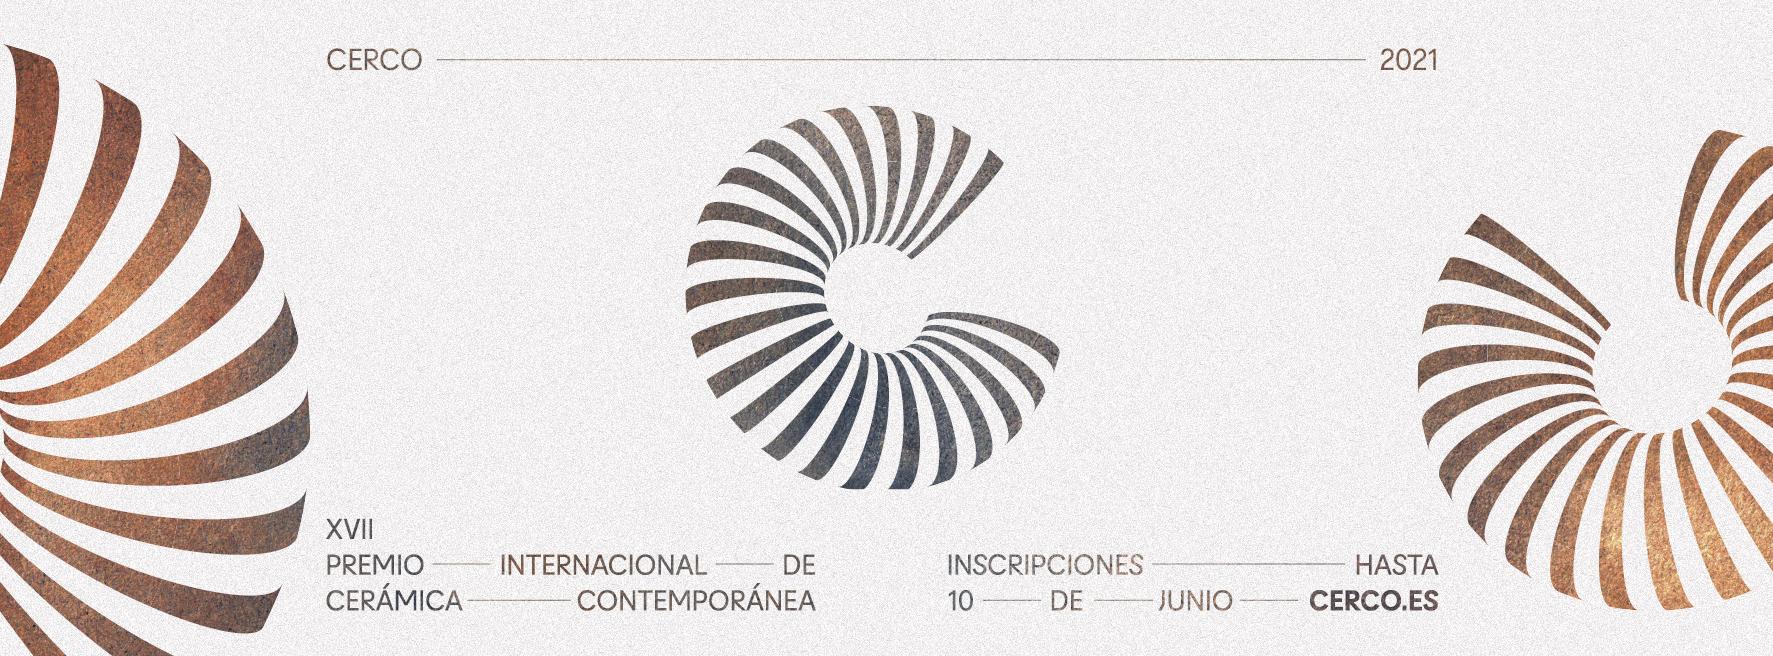 International contemporary ceramic Prize Award 2021